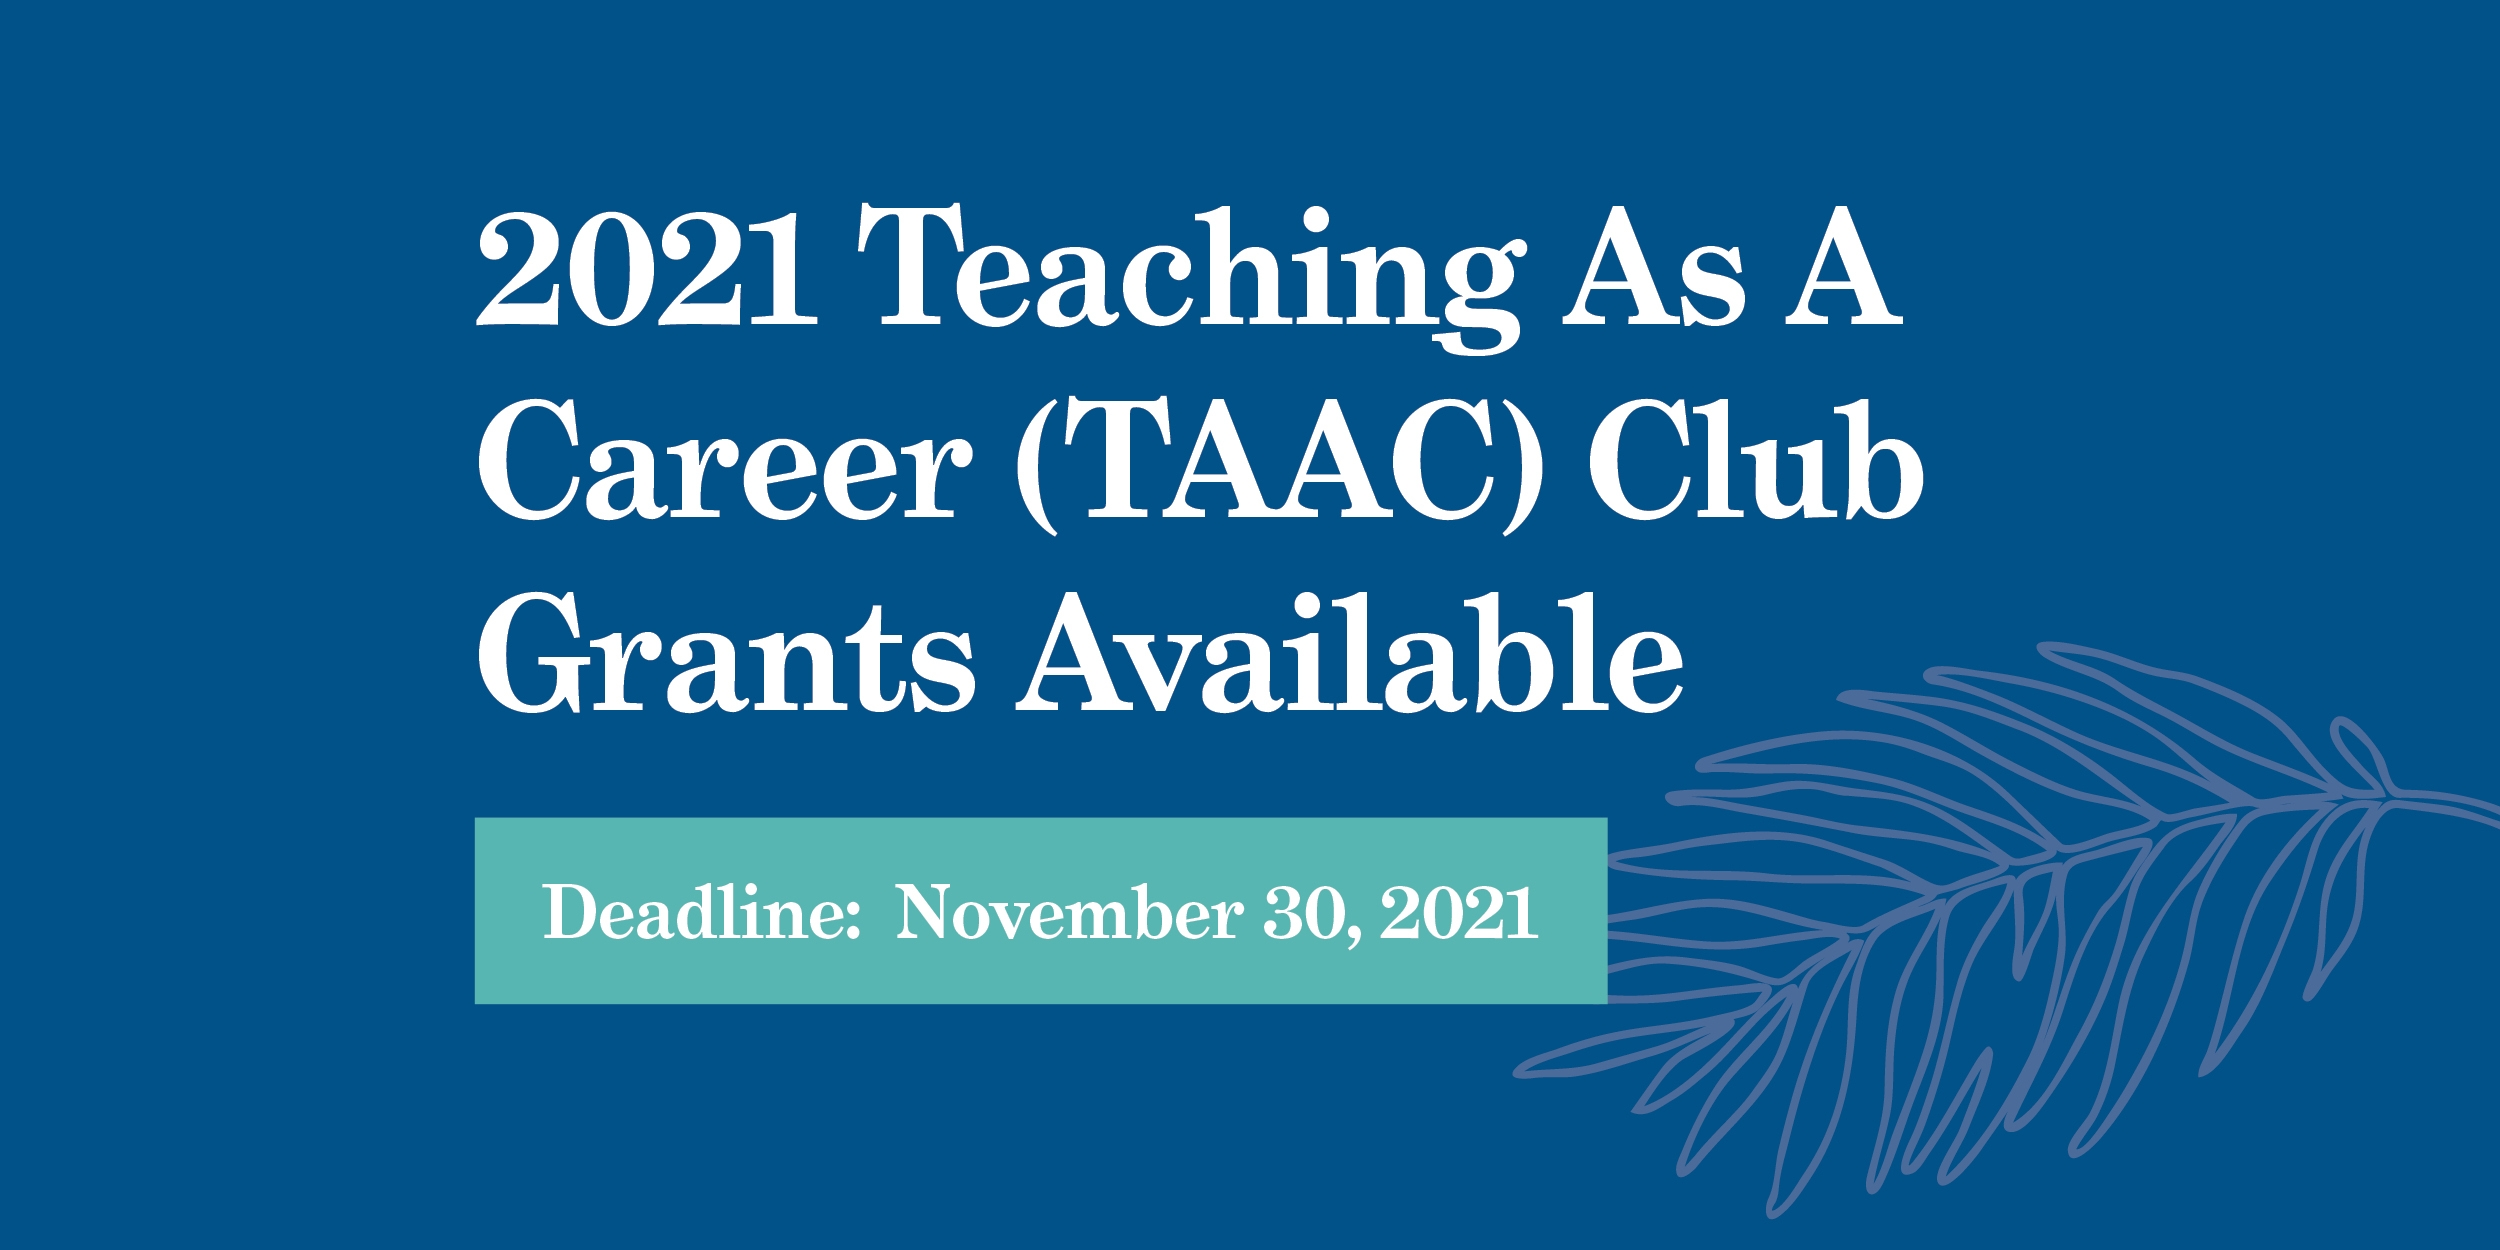 2021 Teaching As A Career (TAAC) Club Grants Available